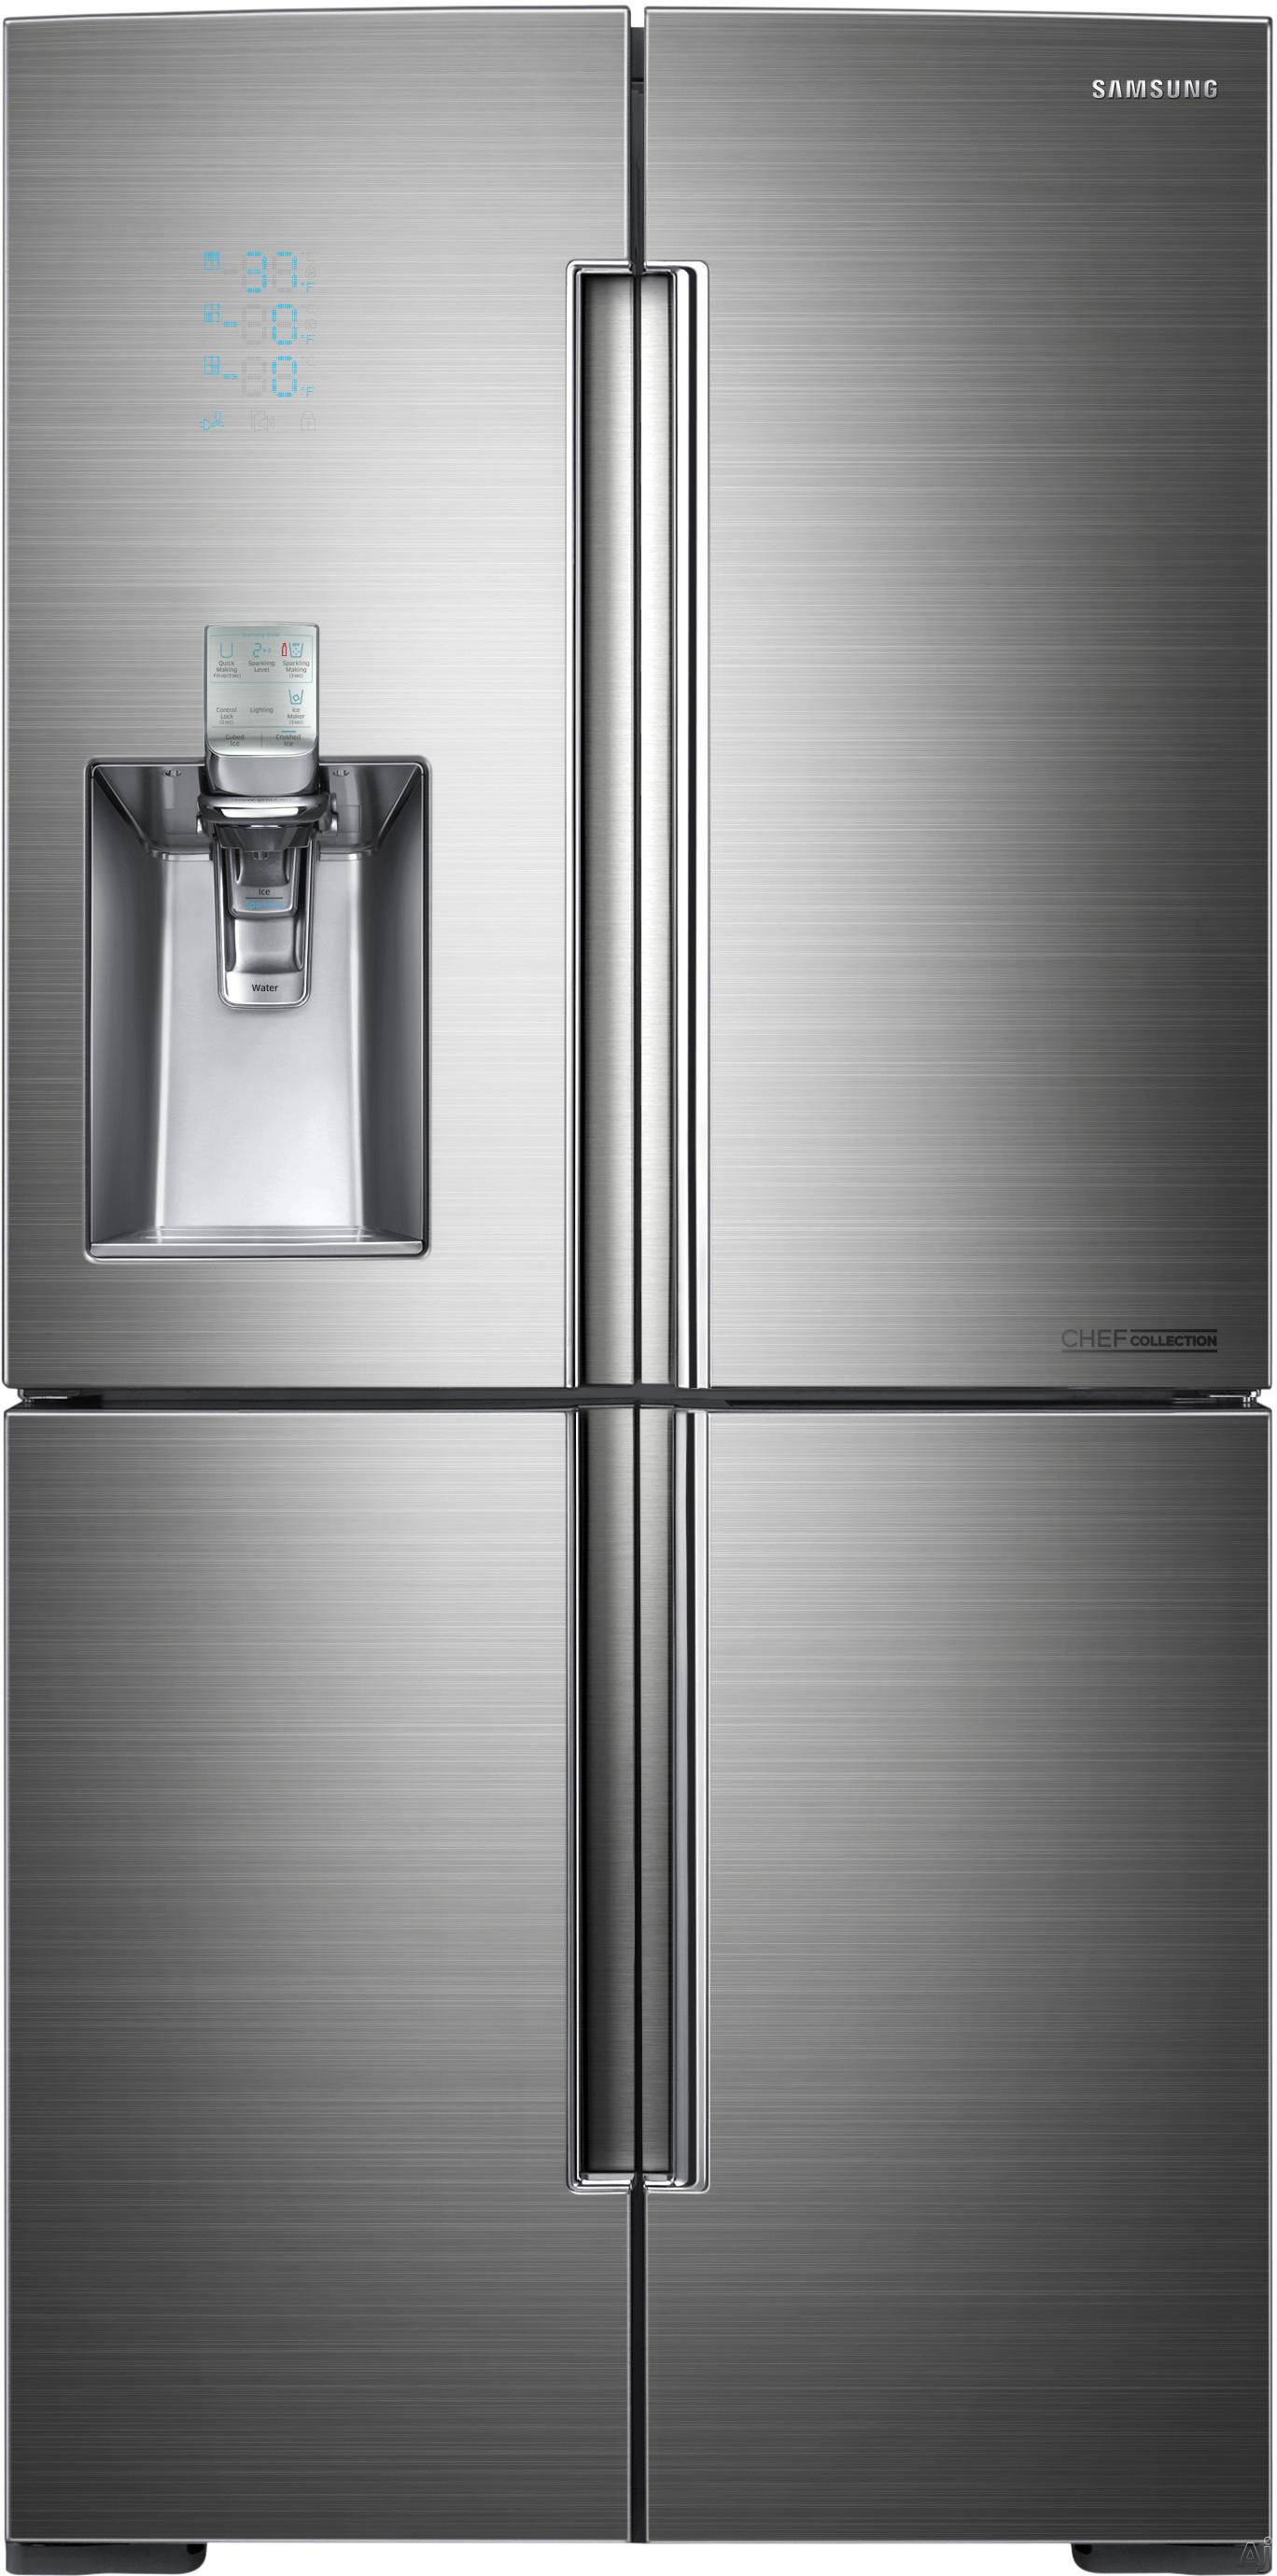 samsung rf34h9960s4 34 3 cu ft french door refrigerator. Black Bedroom Furniture Sets. Home Design Ideas